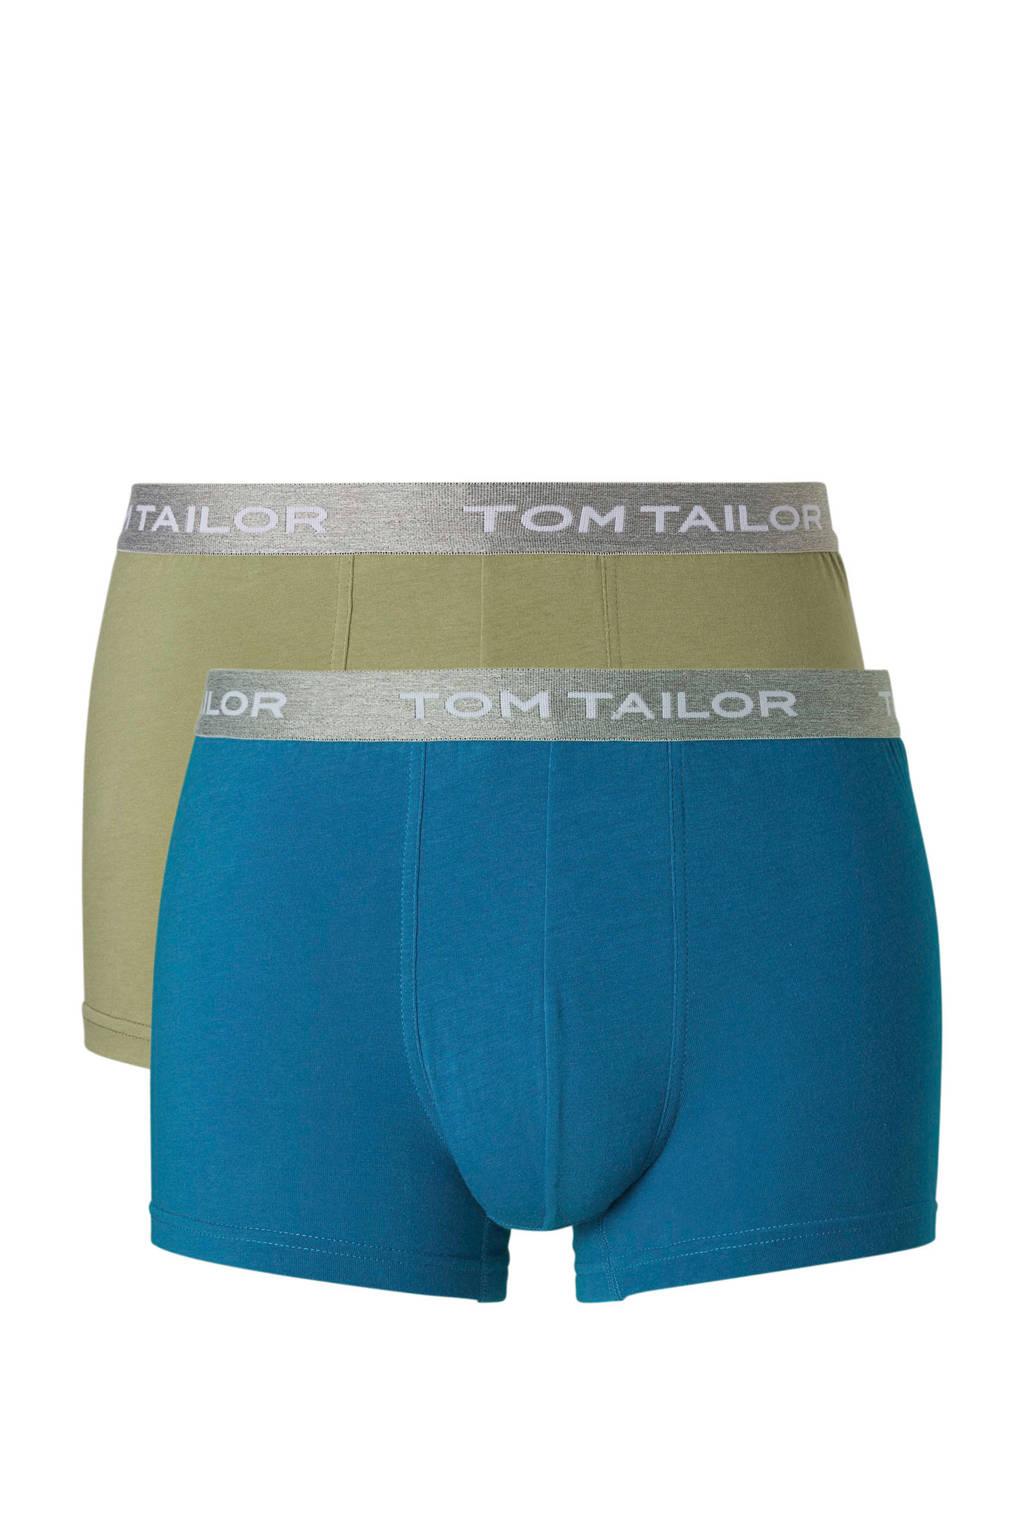 Tom Tailor boxershort (set van 2), Blauw/olijfgroen